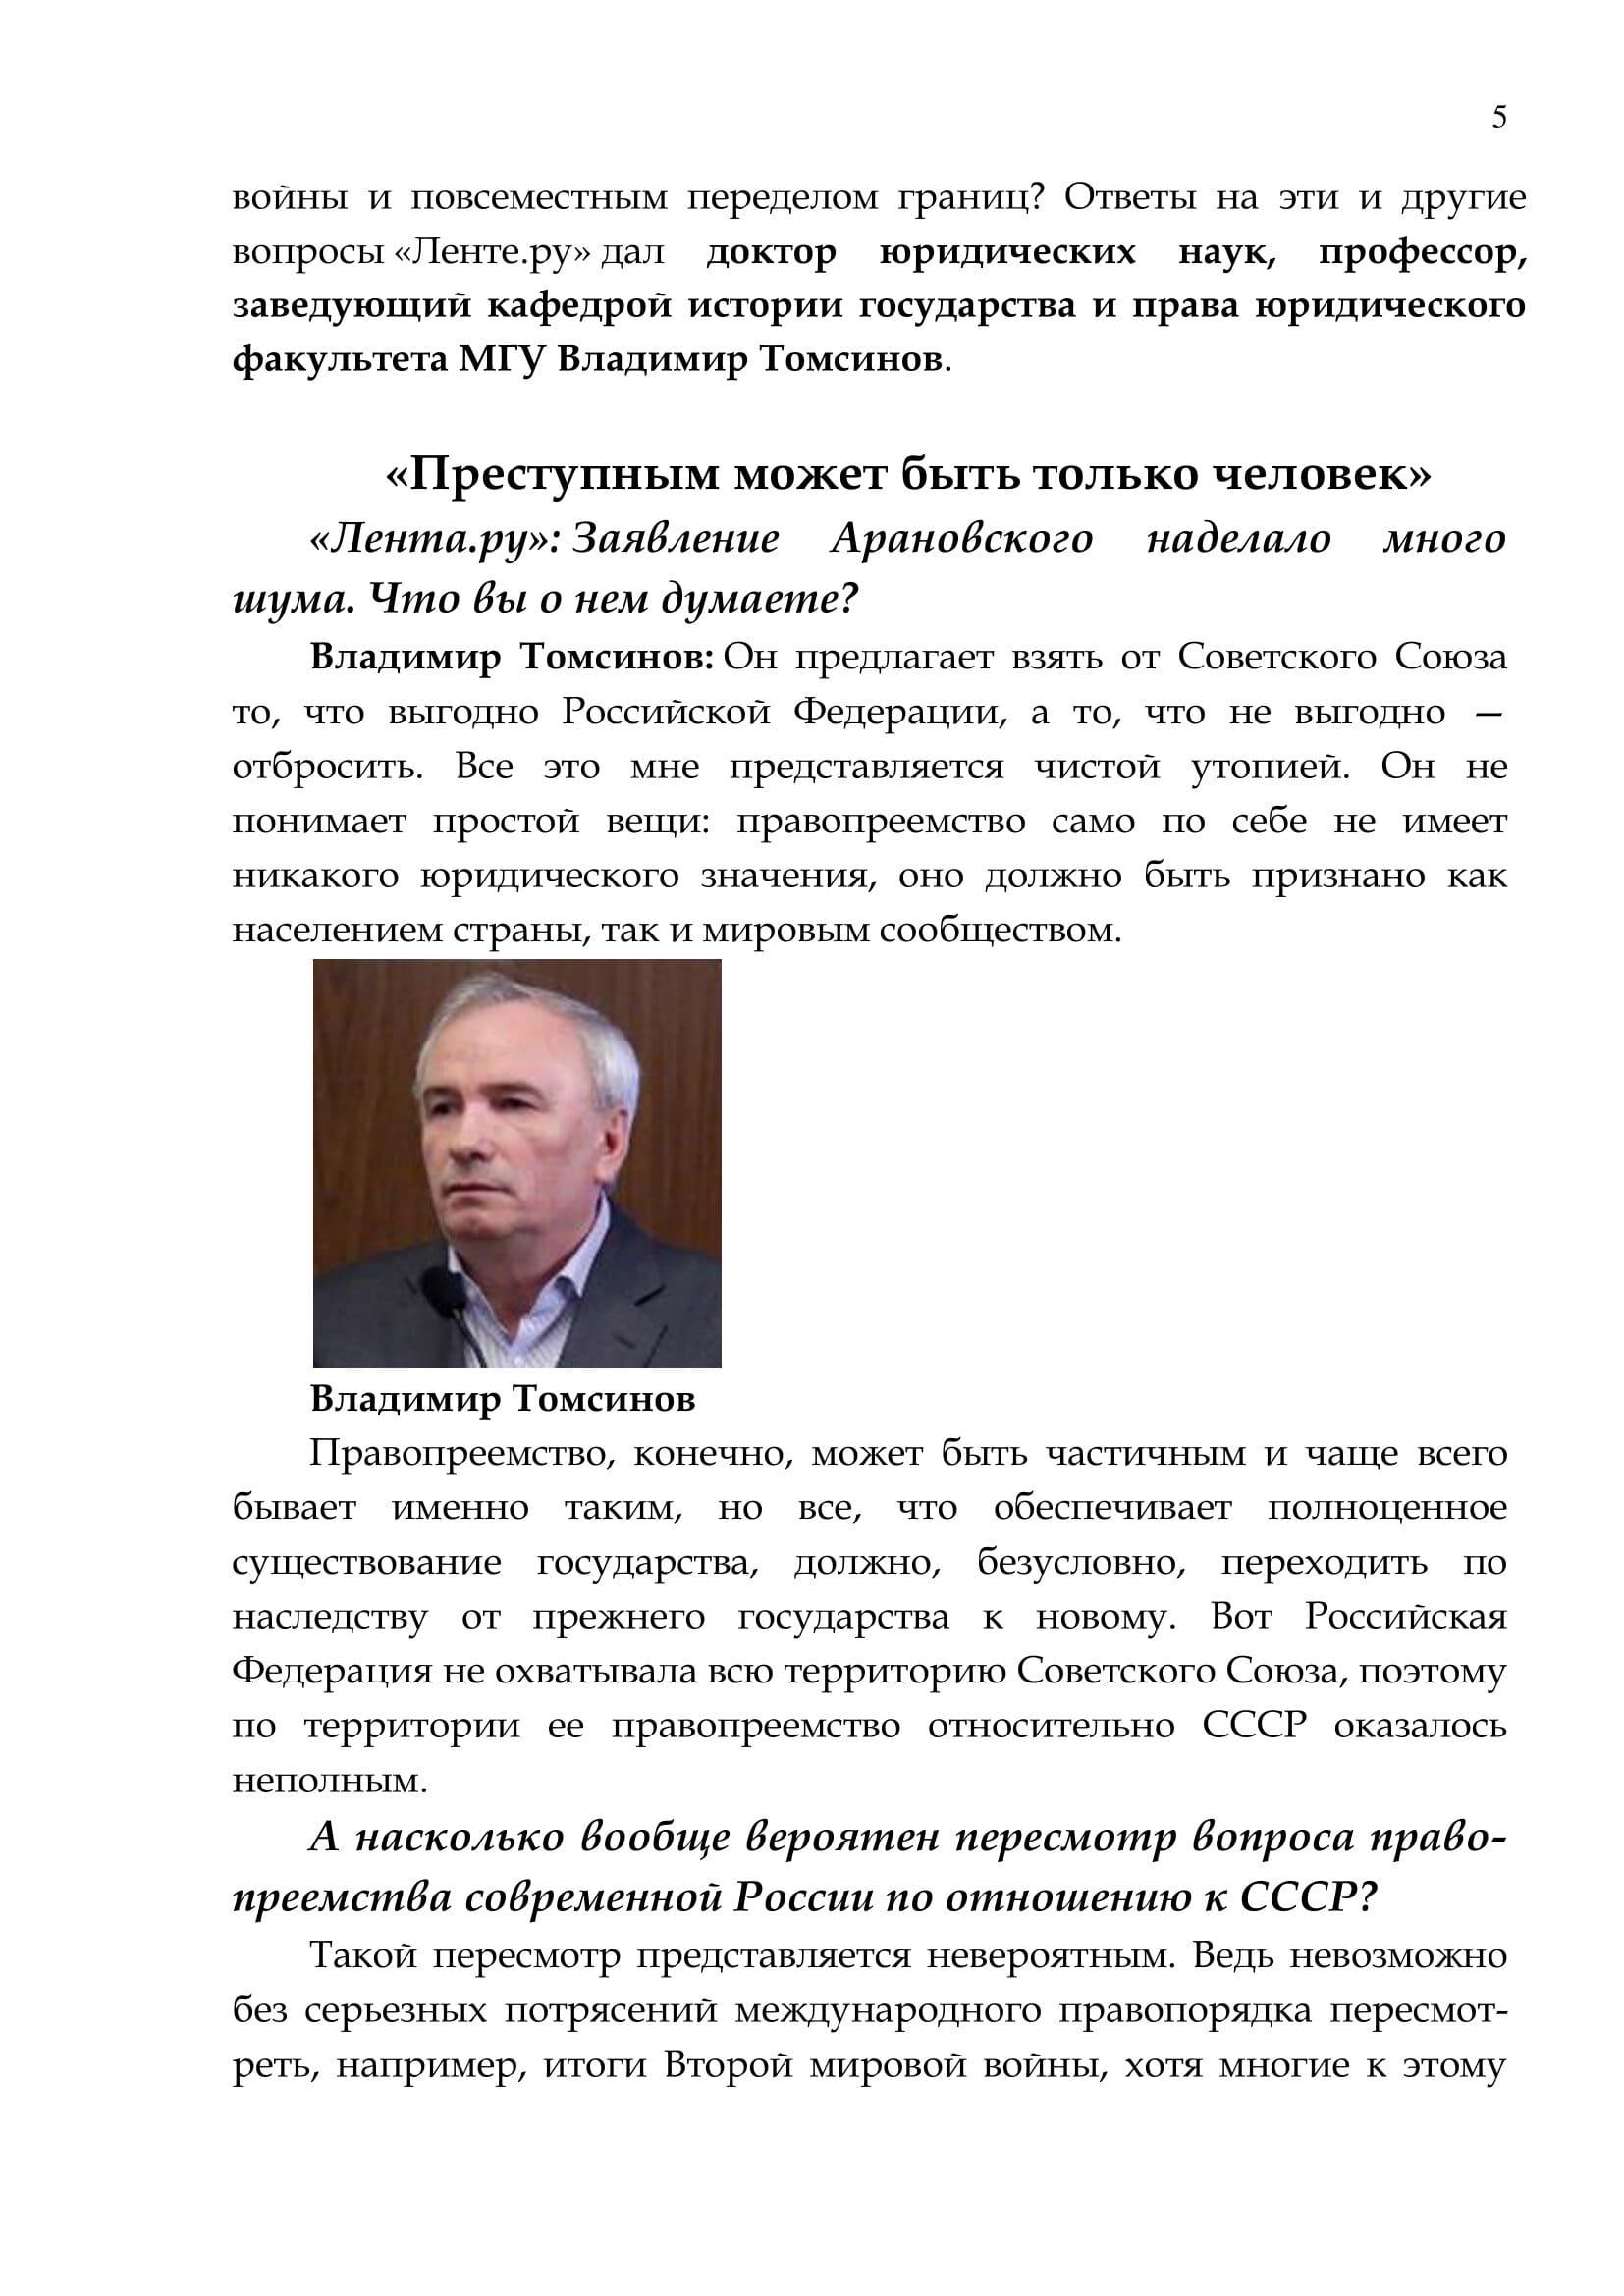 Томсинов В.А. Интервью Ленте.ру. 27.02.2020